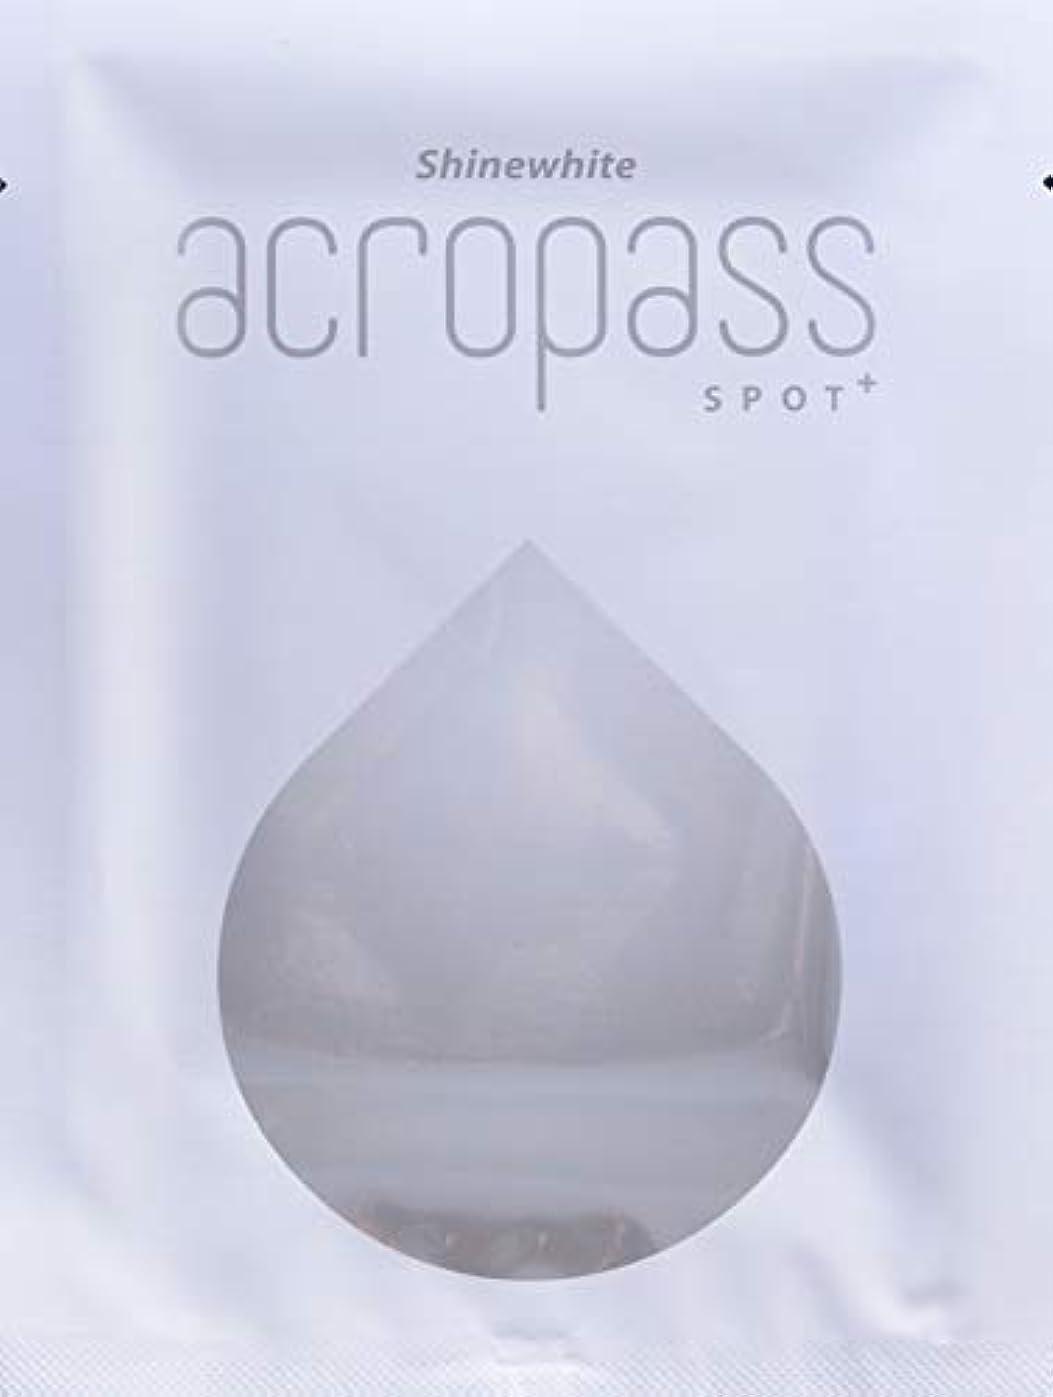 詳細に費やす独特の★アクロパス スポットプラス★ 1パウチ(2枚入り) 美白効果をプラスしたアクロパス、ヒアルロン酸+4種の美白成分配合マイクロニードルパッチ。 他にお得な2パウチセットもございます